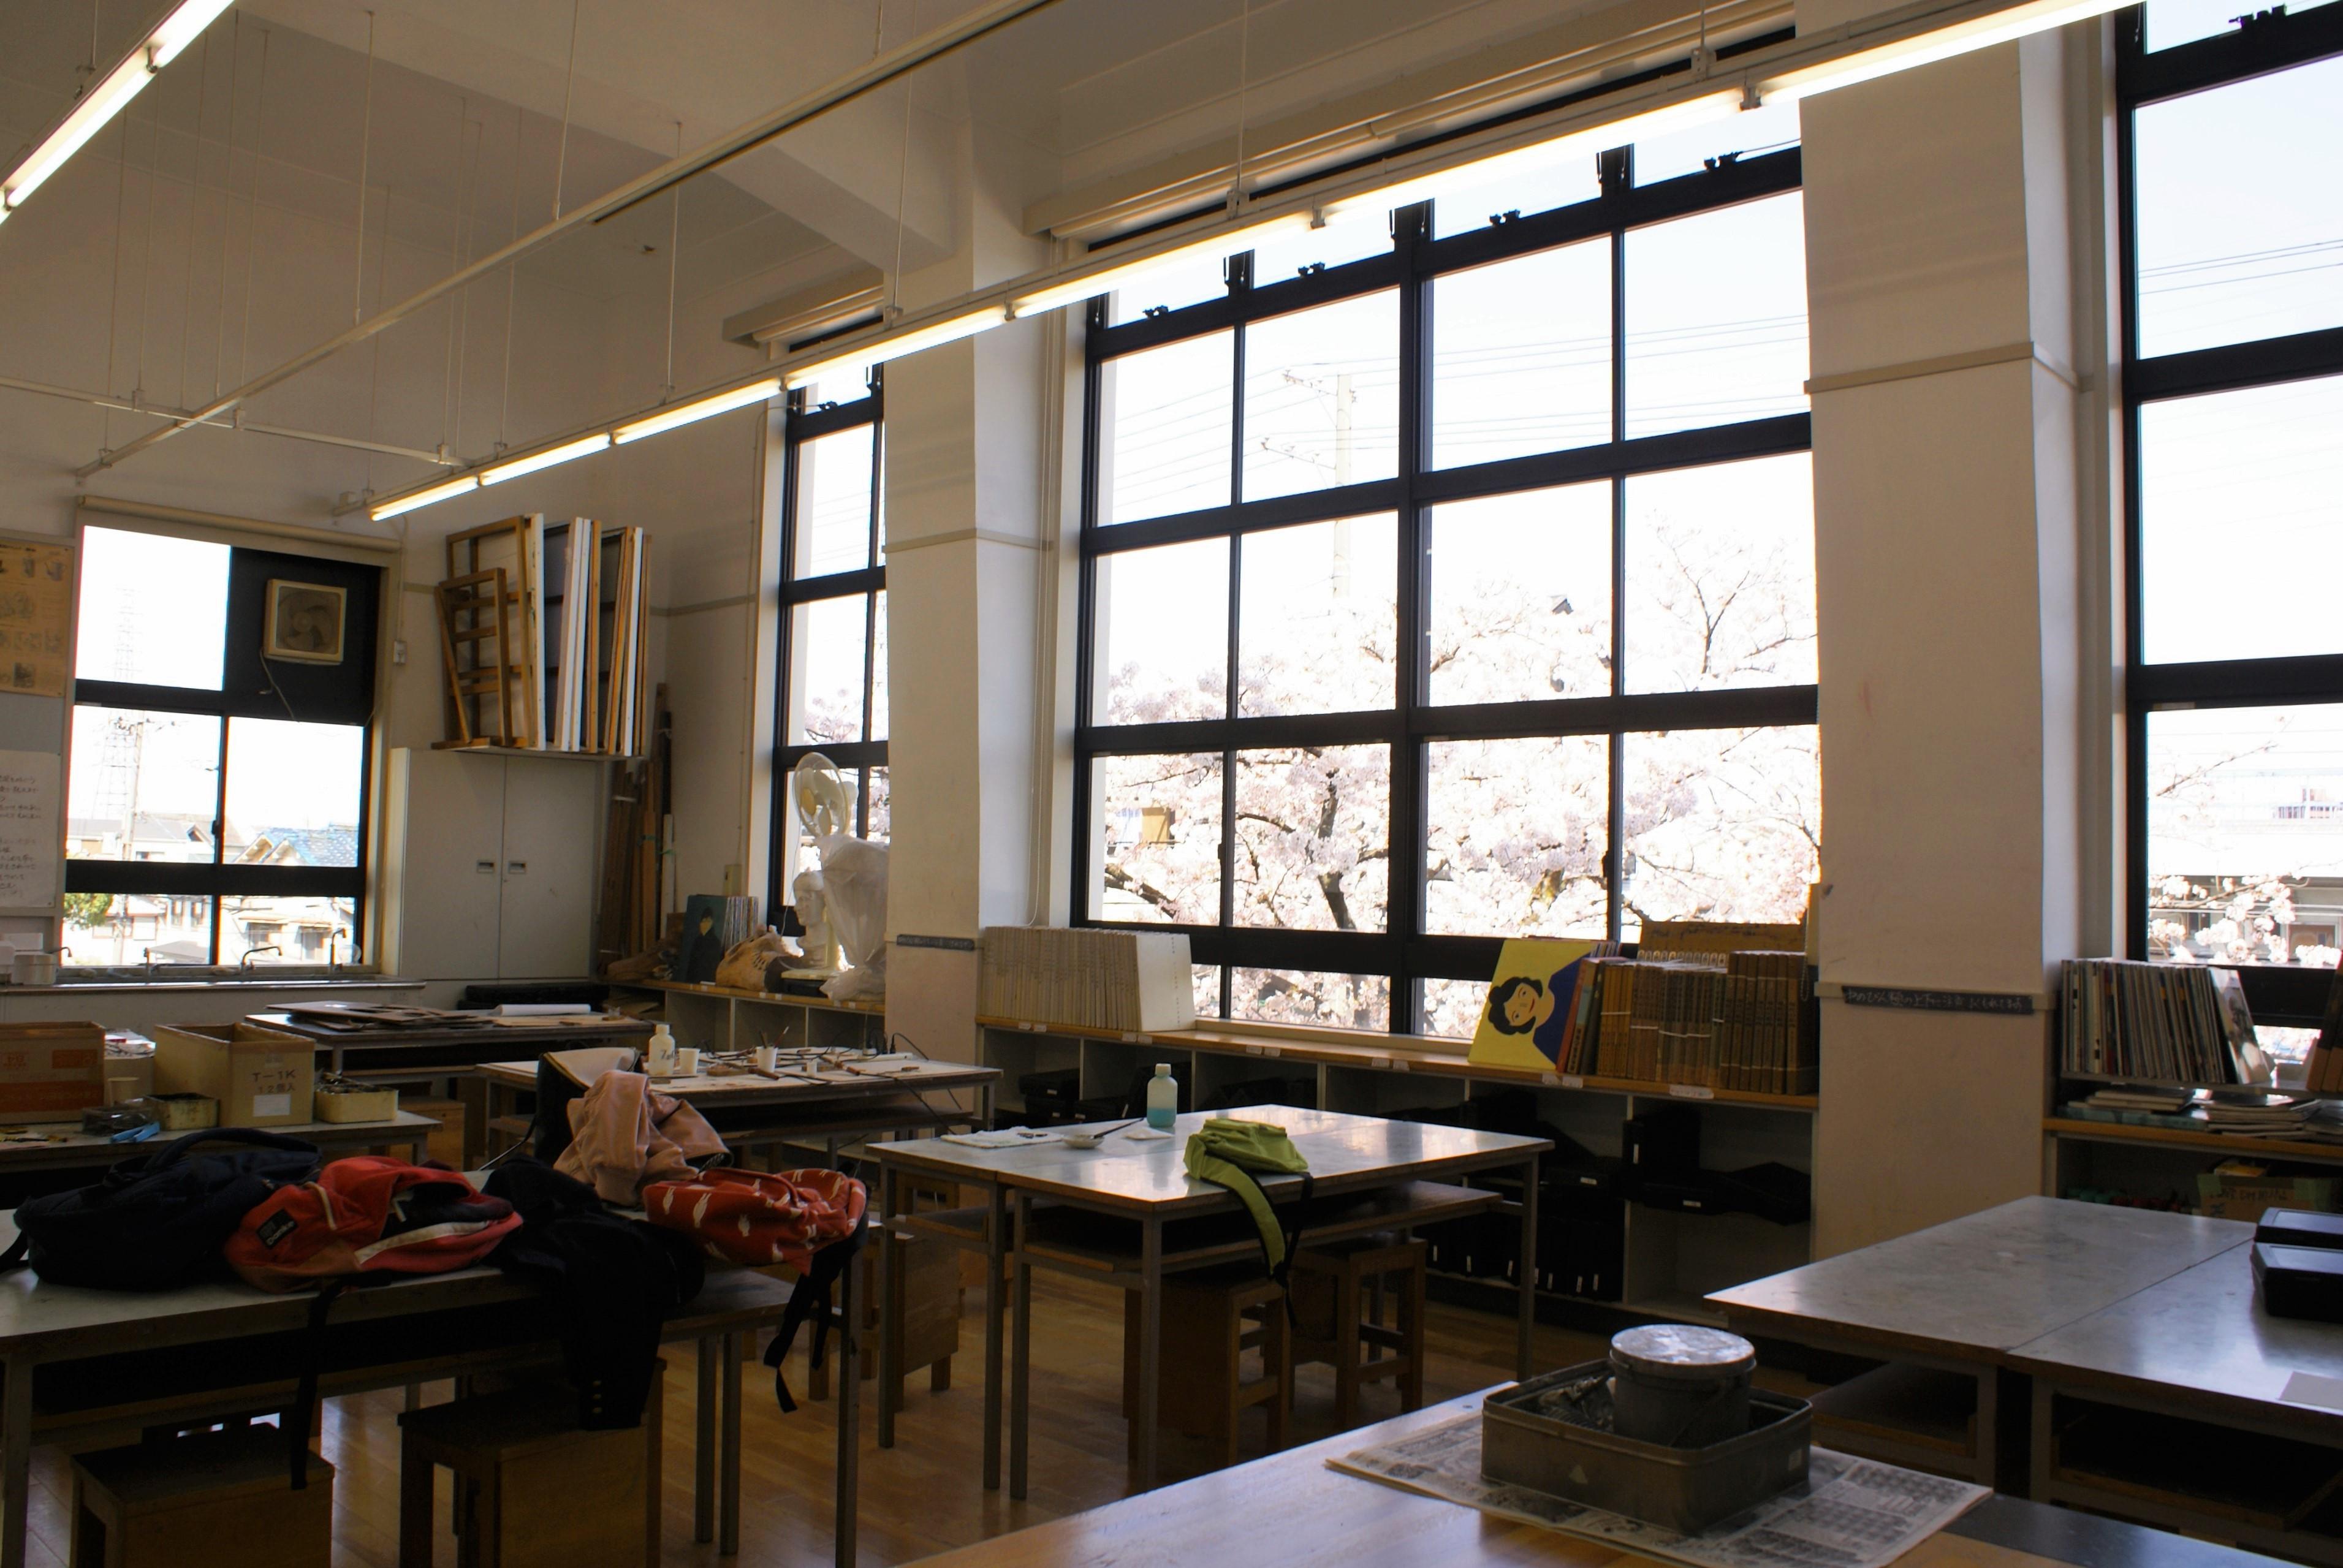 <p>吹抜天井の美術教室</p>一期工事で完成した美術教室は2階北西にあり、3階部分を吹抜天井としている。北側の開口を大きくとり、安定した光を取り入れている。美術アトリエを強く意識した設計であり、一部の専門課程を除いて、この空間の豊かさは当時ではほとんど例を見ないものだったと思われる。桜の時期は窓が花におおわれて美しい。